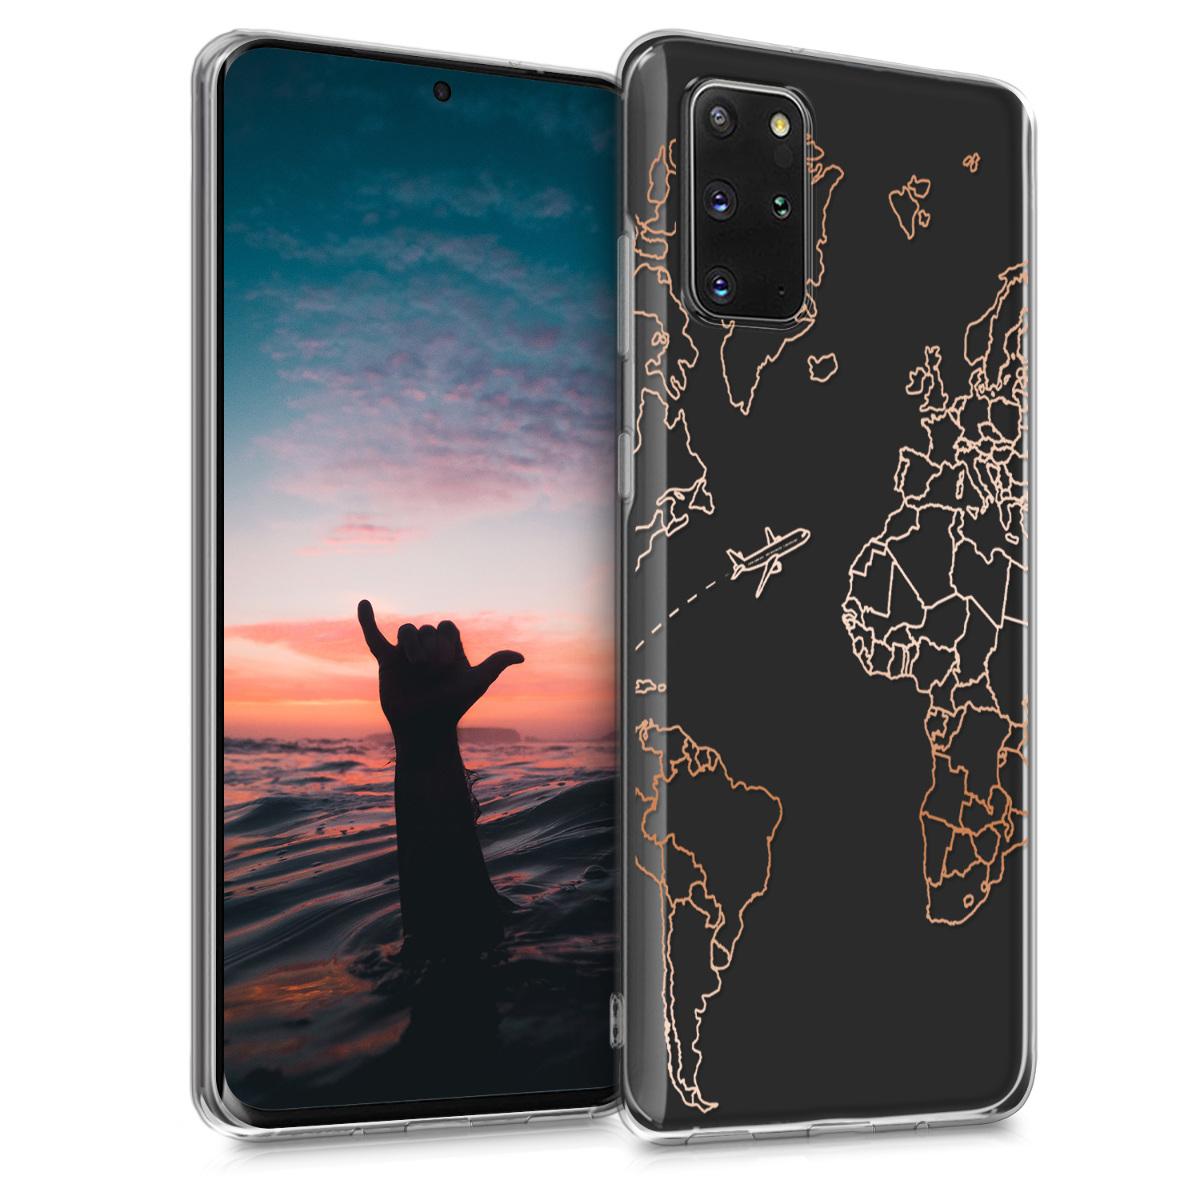 Silikonové pouzdro / obal s motivem mapy světa pro Samsung S20 Plus